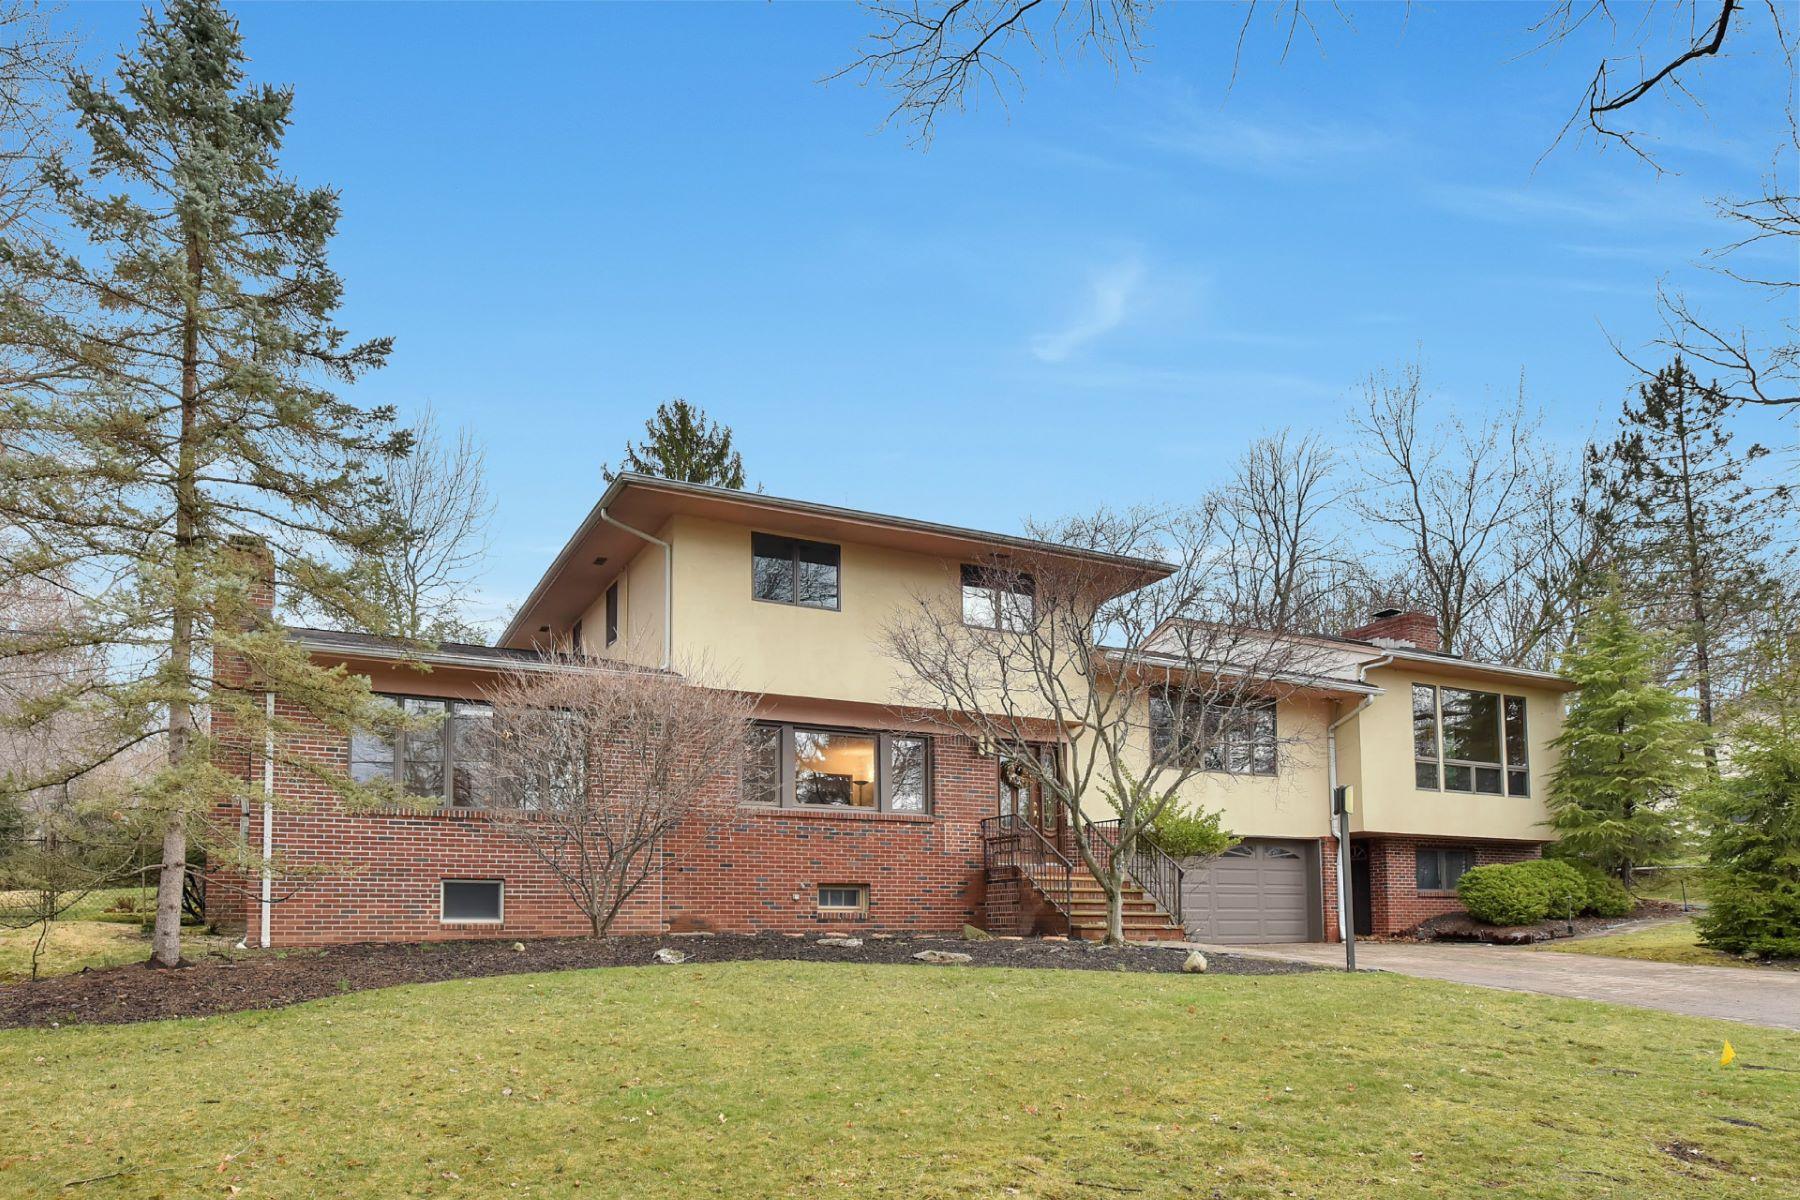 Частный односемейный дом для того Продажа на Expansive Contemporary 30 Forest Ave Old Tappan, Нью-Джерси 07675 Соединенные Штаты